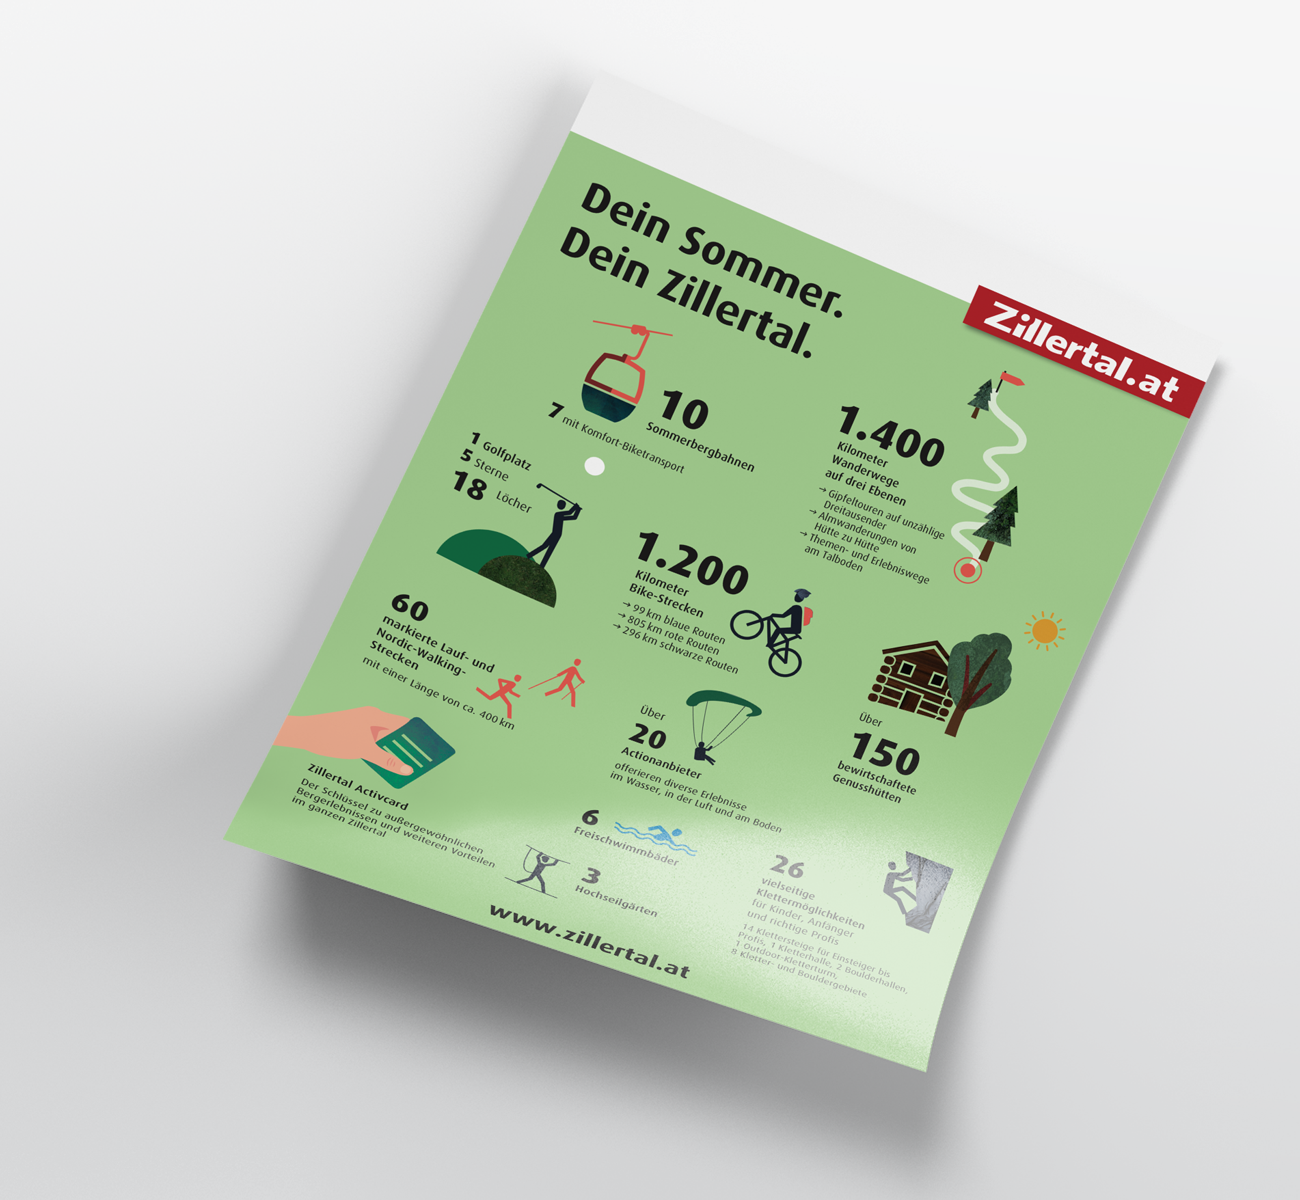 zillertal_infographics_1300